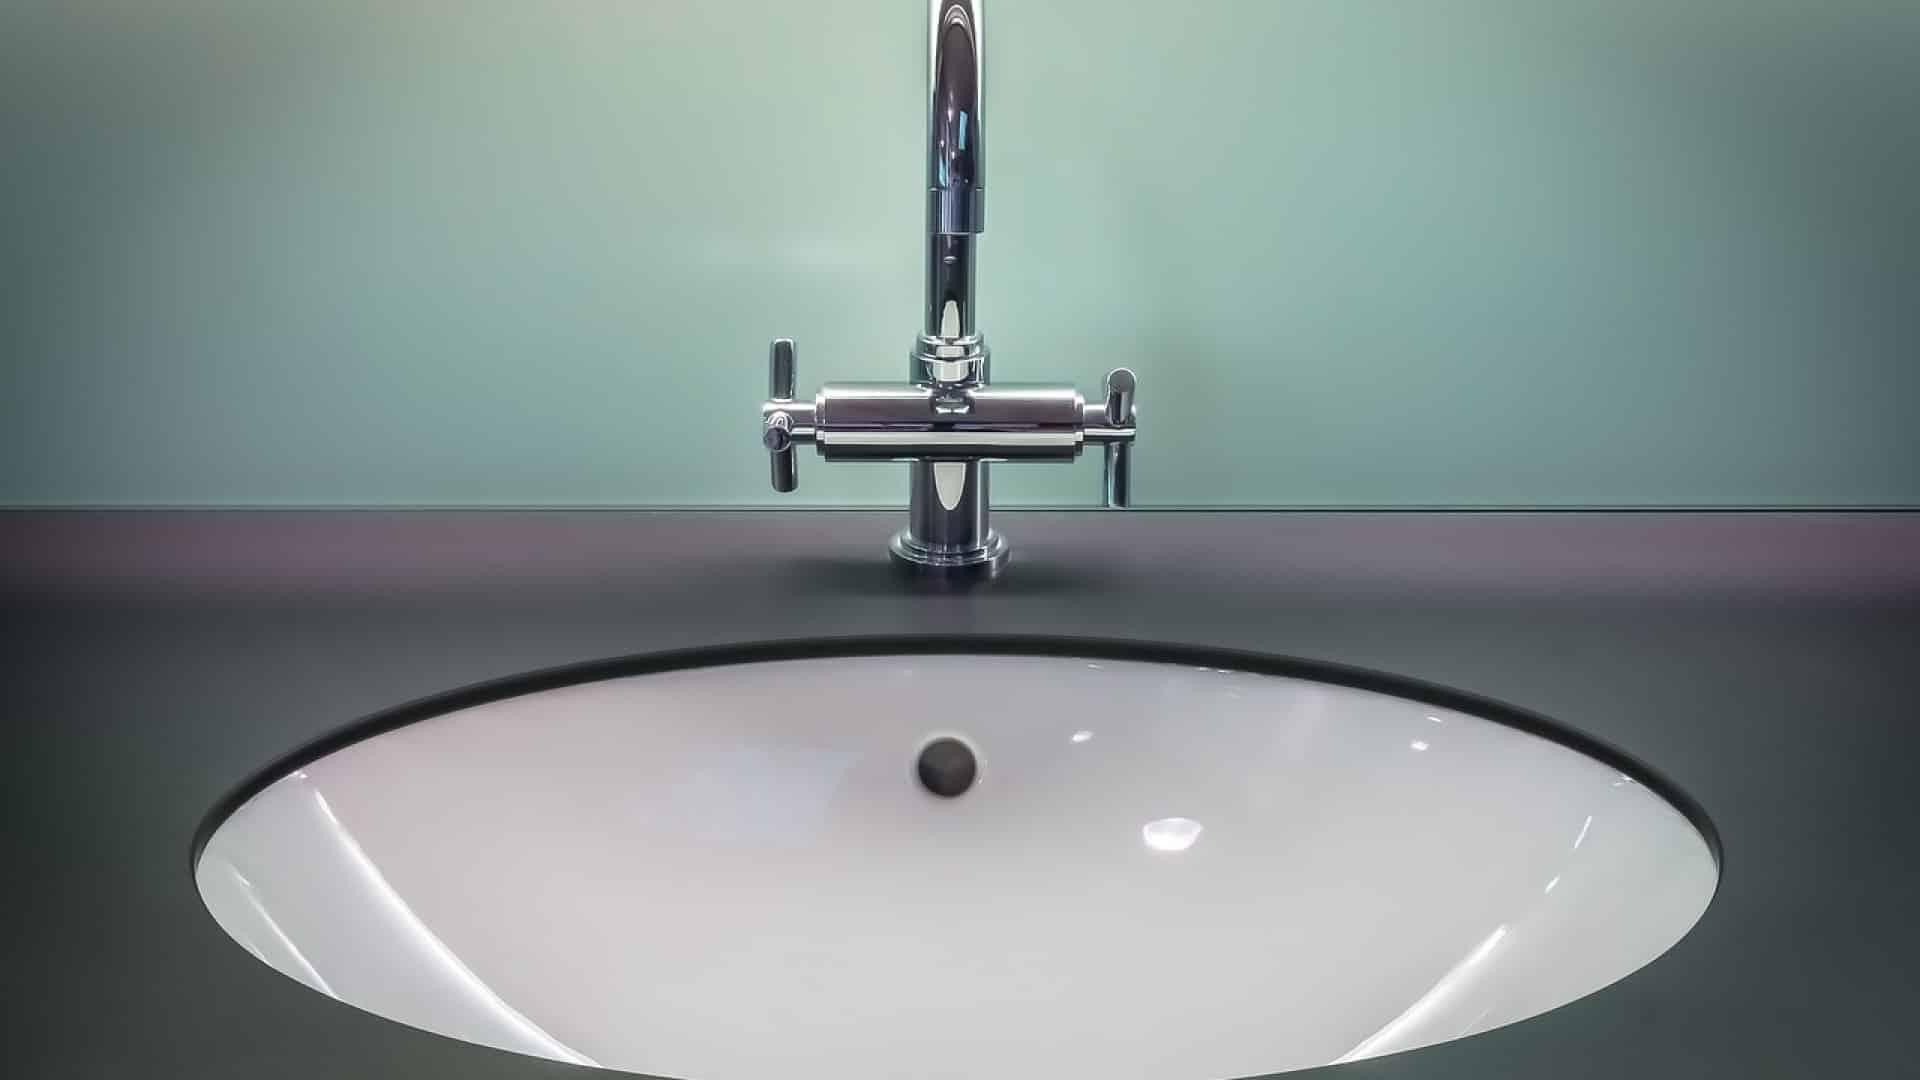 Pourquoi faut-il faire appel à un professionnel pour la réparation des fuites de robinet ?